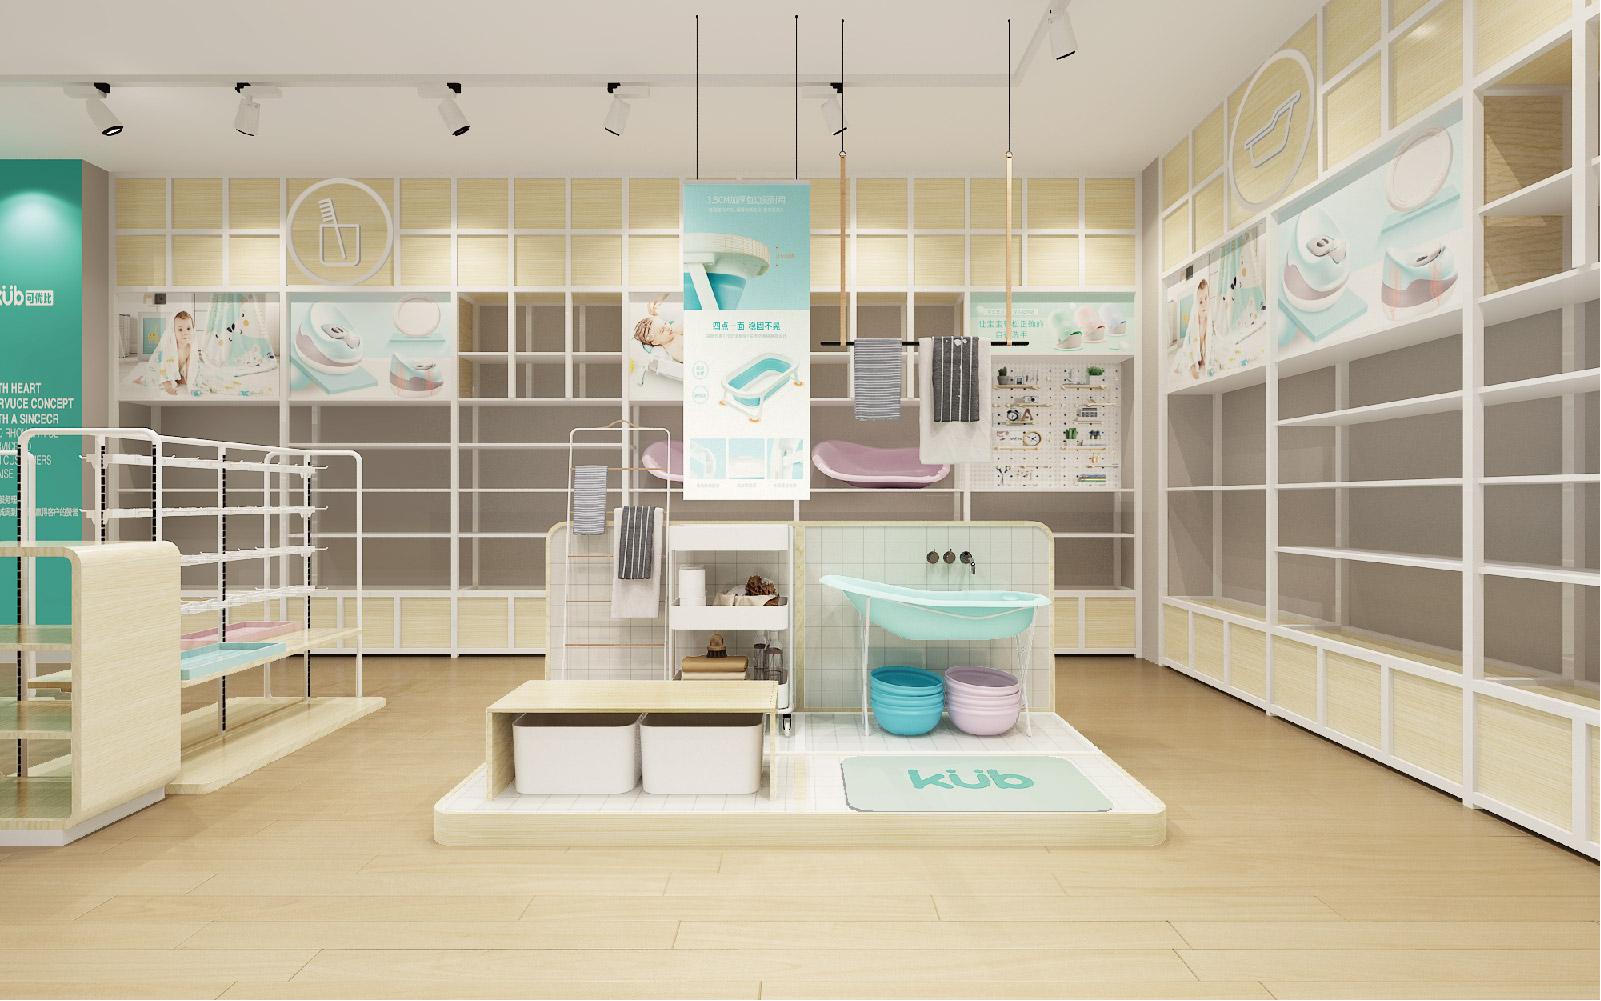 杭州专卖店设计在具体操作方面,应体现以下几点原则